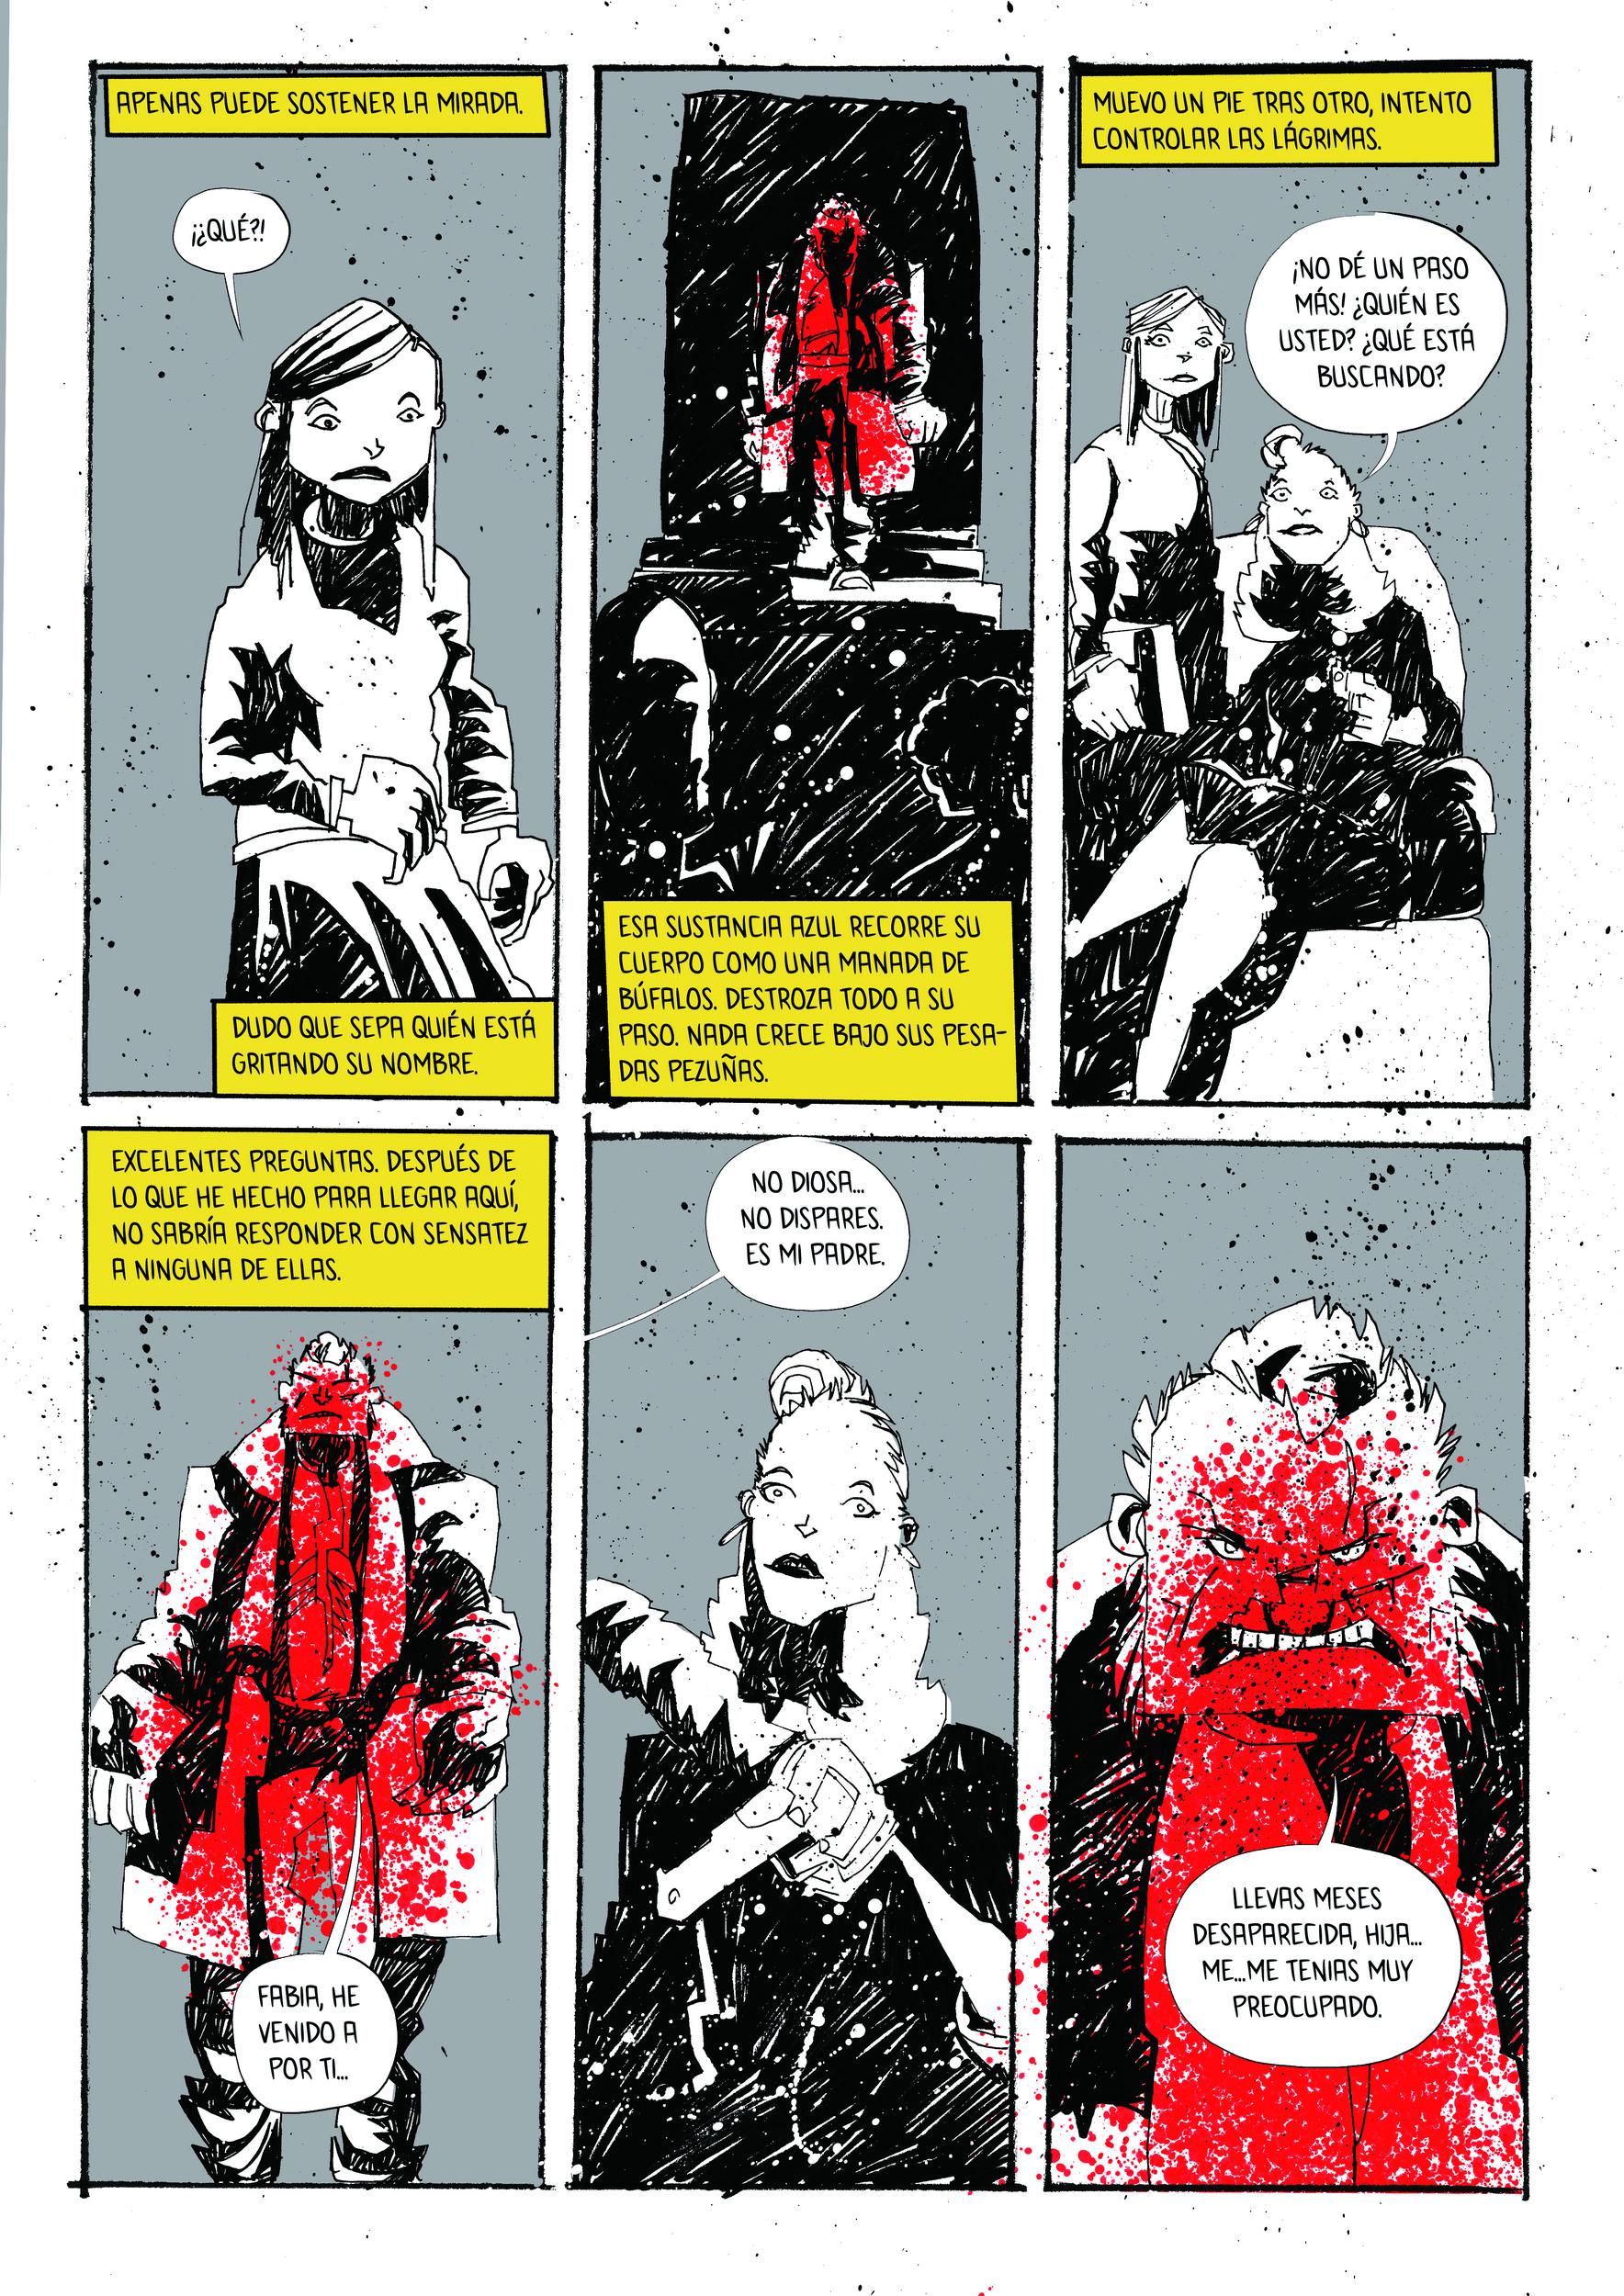 05_Hugo Martín Crespo y Alejandro Cruz Santana_Grind_pagina00021_2500_0034